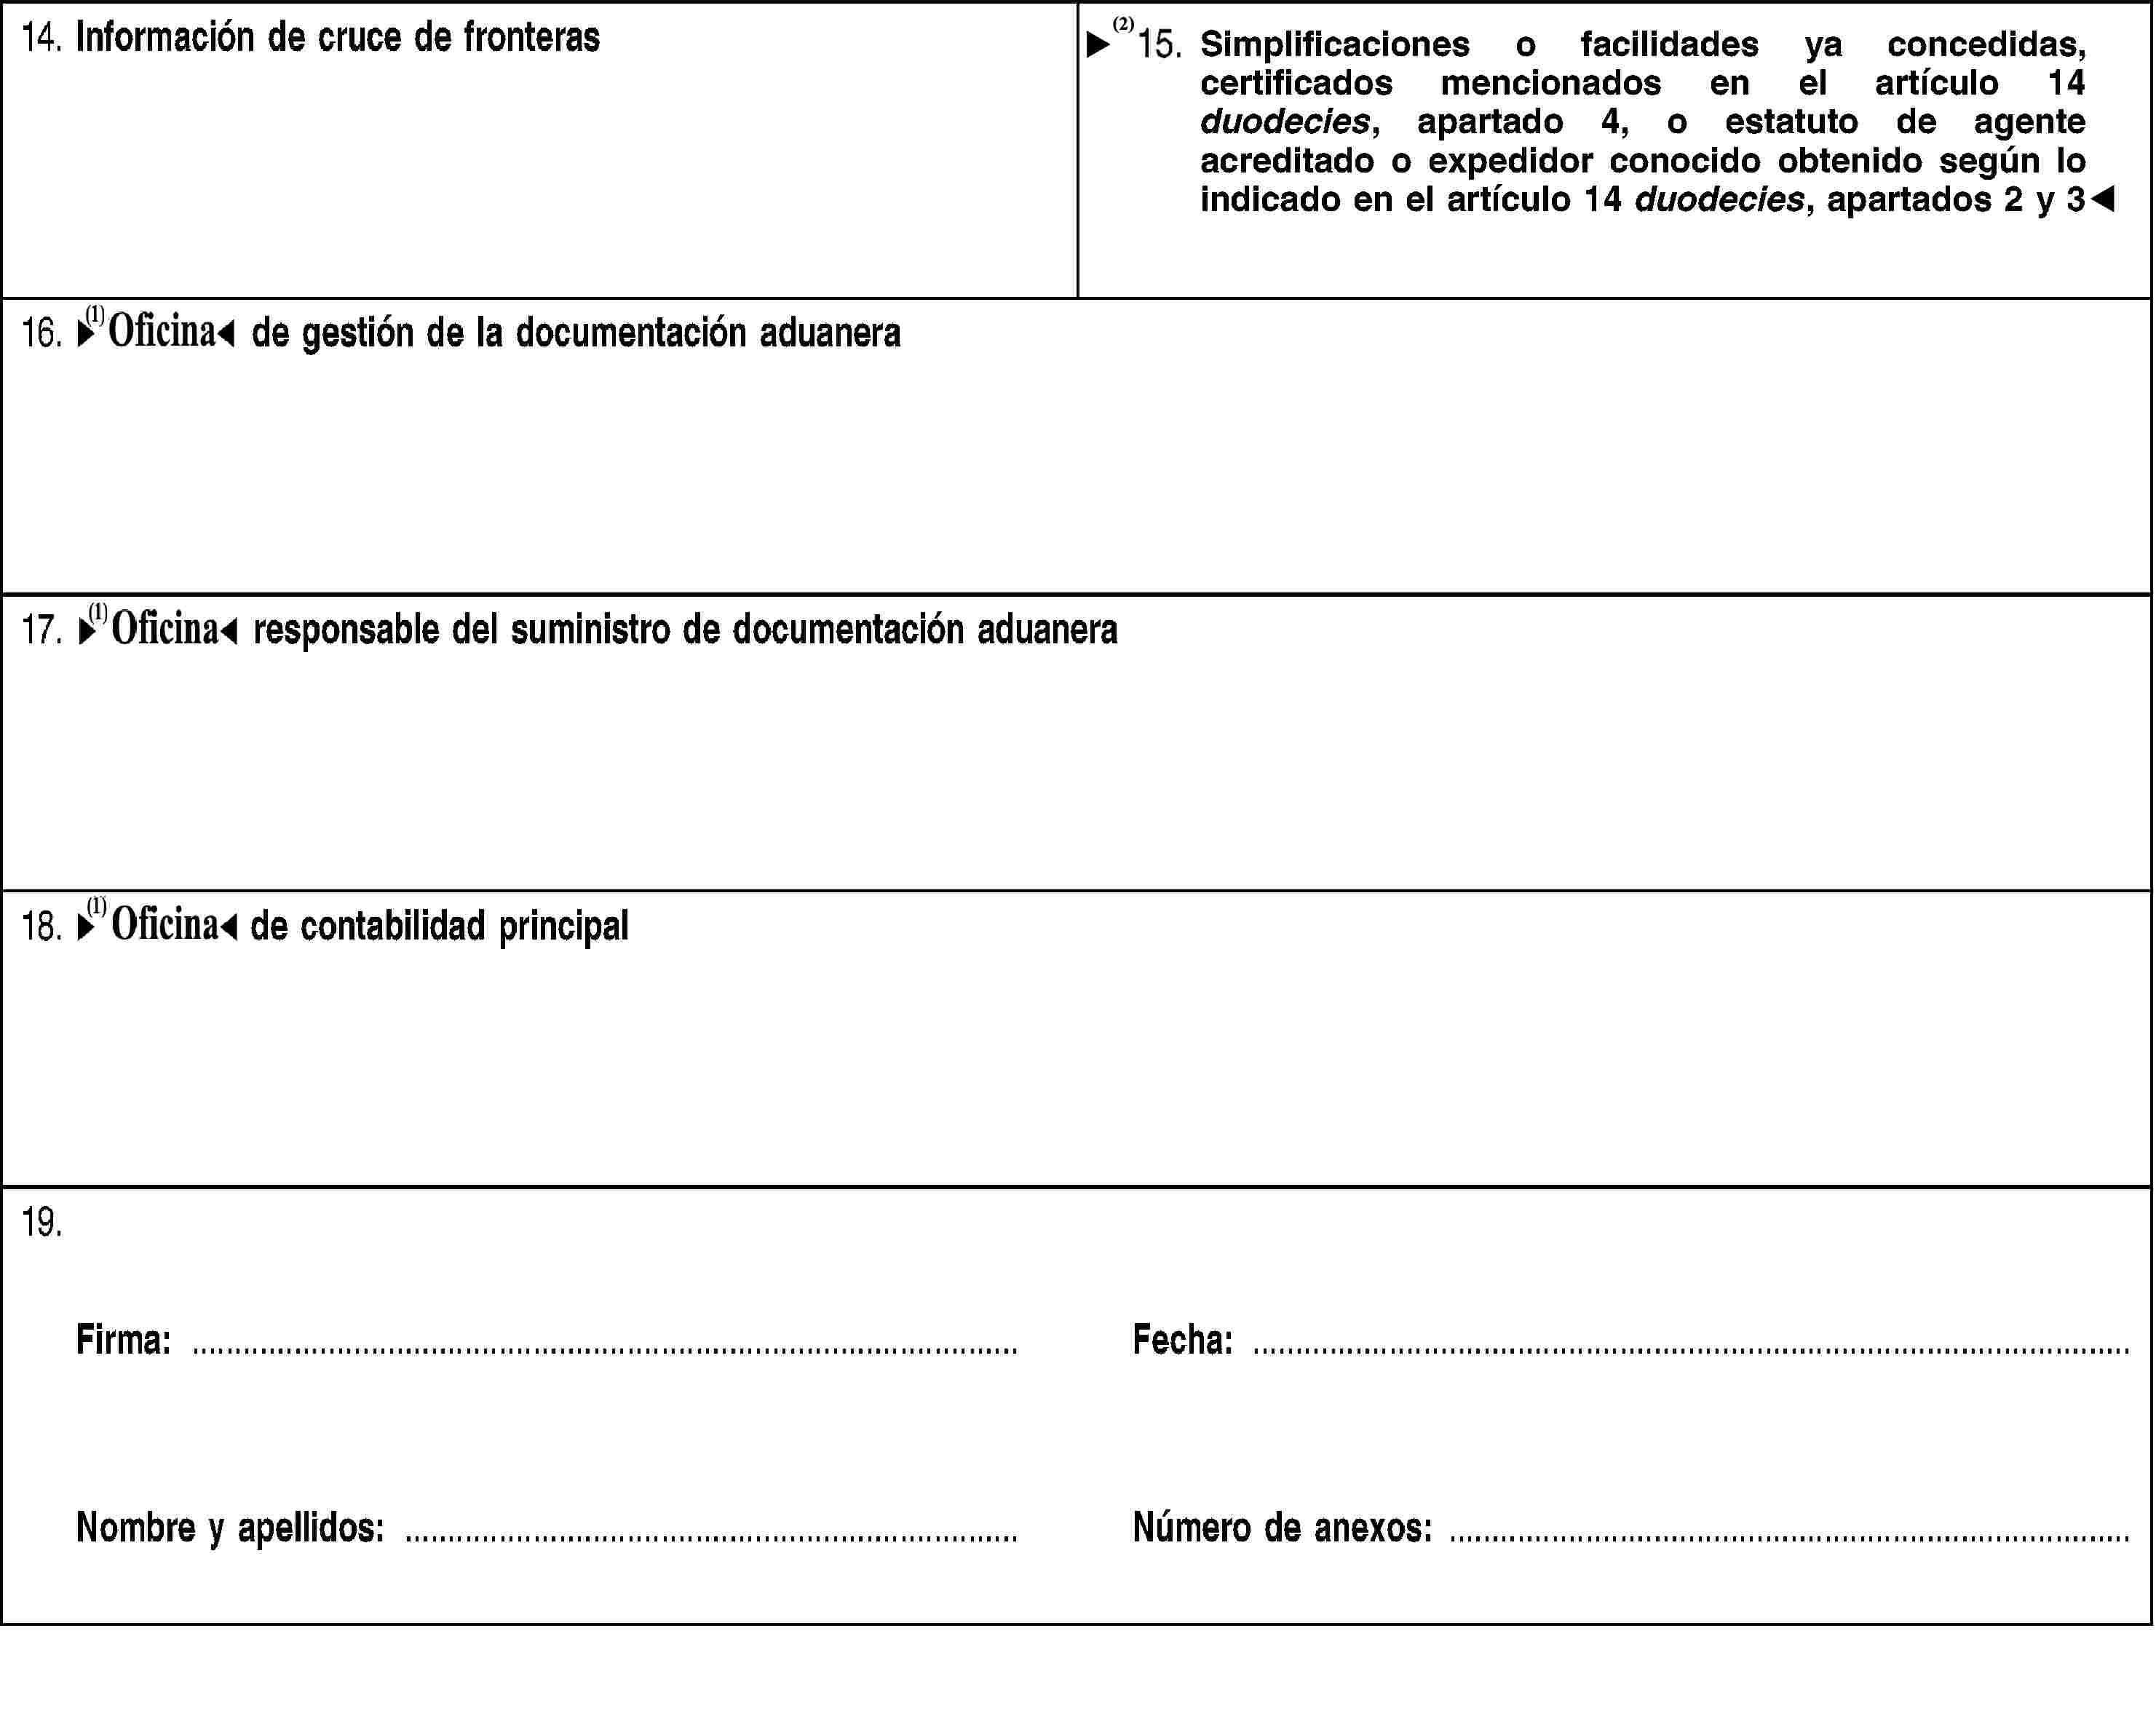 Calendario 2017 En Blanco Para Imprimir Argentina Más Actual Eur Lex R2454 Es Eur Lex Of Calendario 2017 En Blanco Para Imprimir Argentina Más Recientemente Liberado Calendario 2017 Para Imprimir Pdf